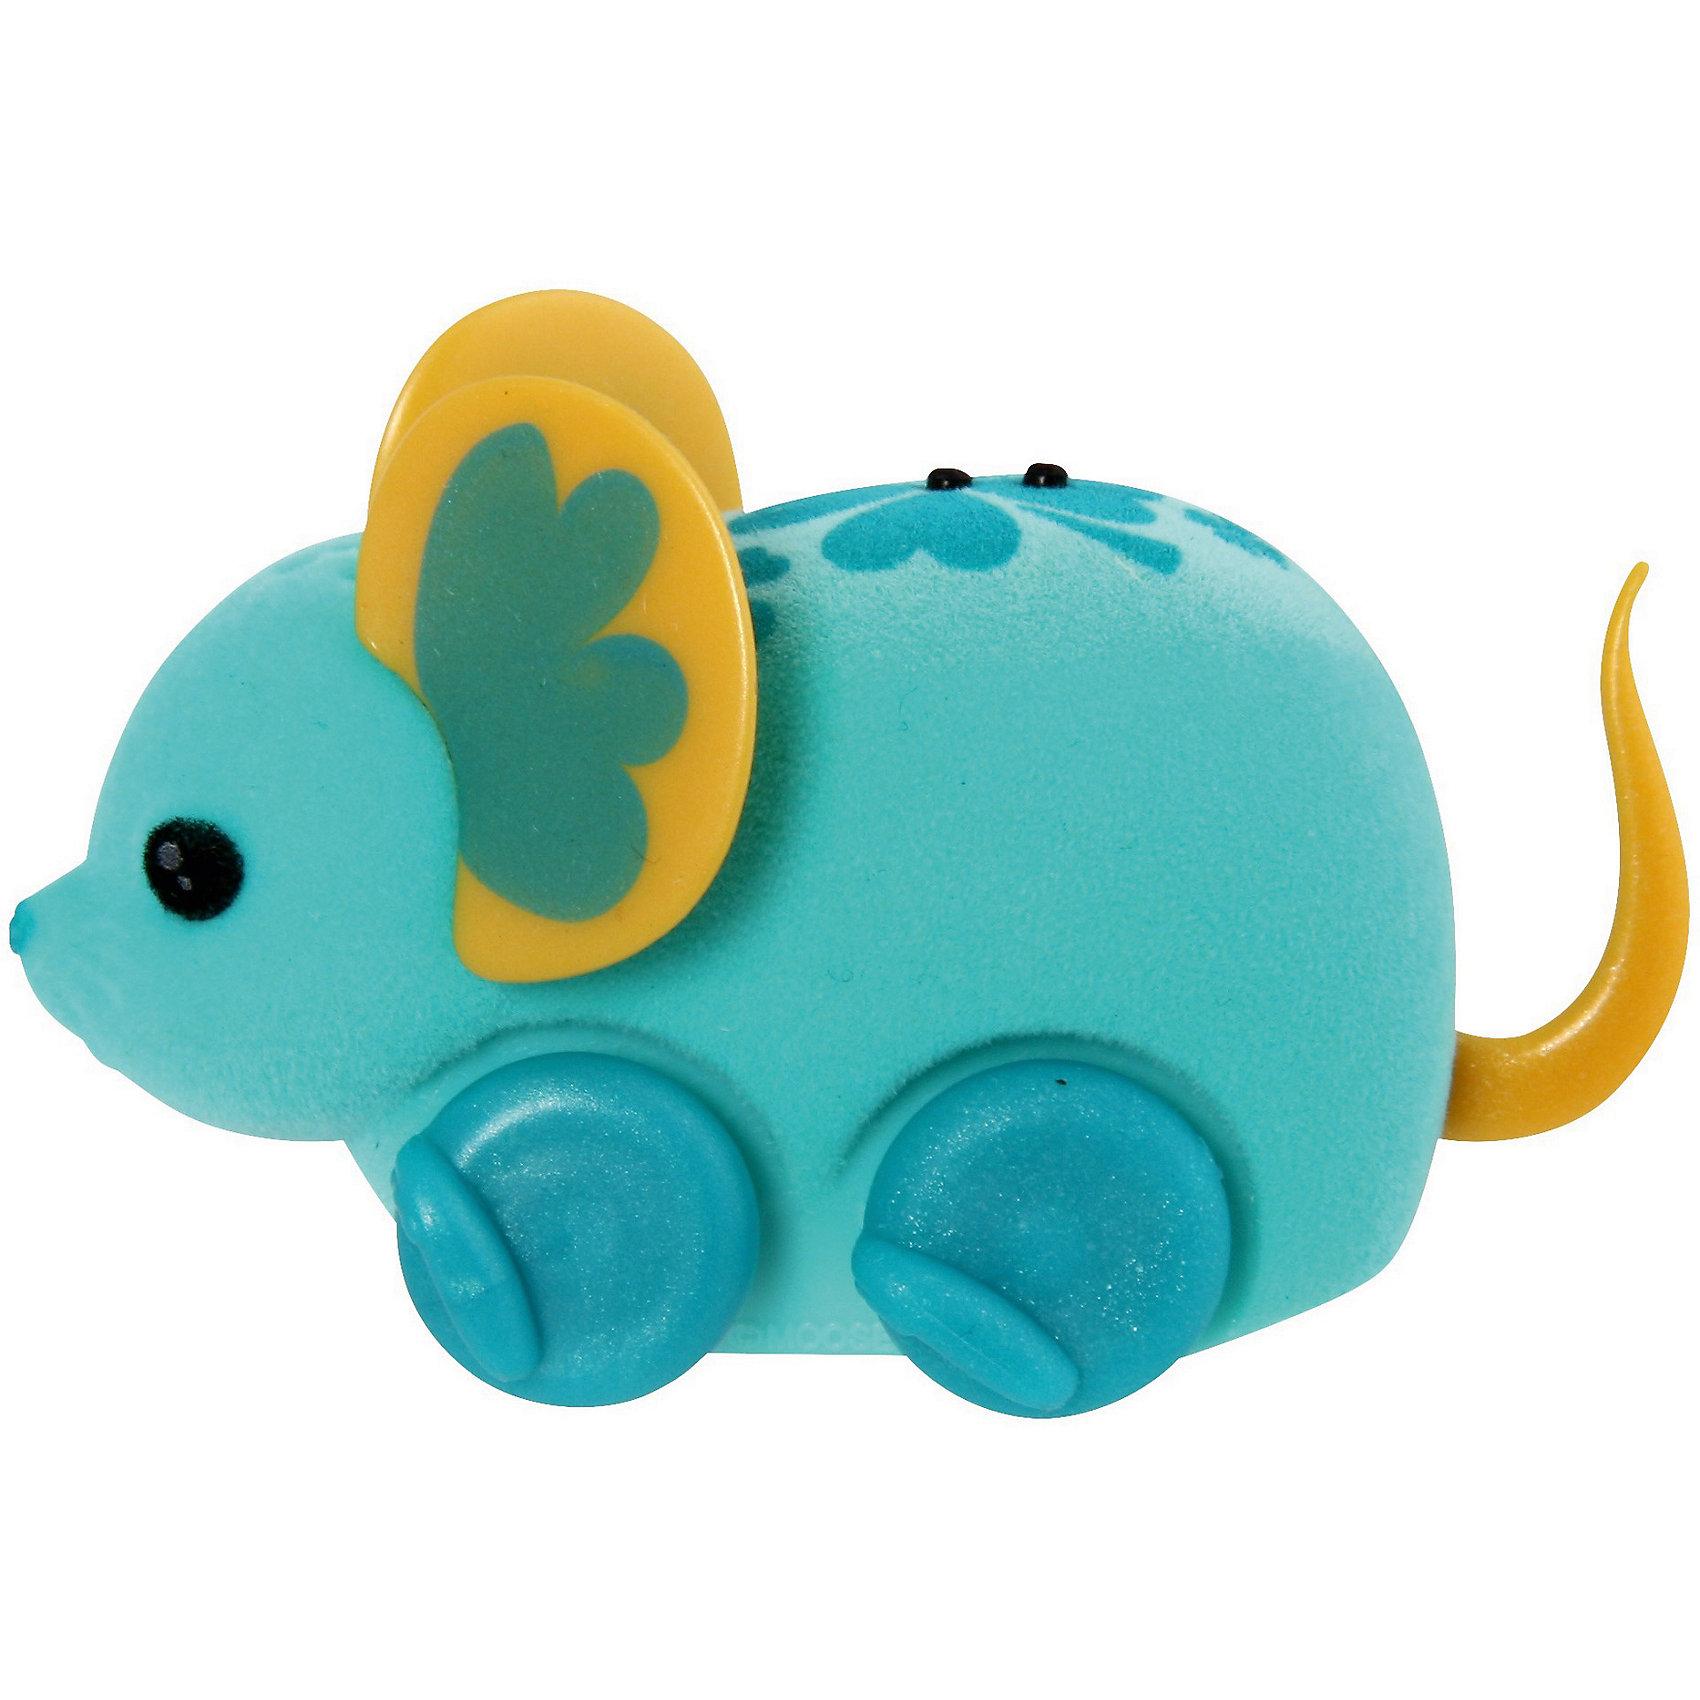 Интерактивная мышка в колесе, голубая, Little Live PetsИнтерактивные игрушки для малышей<br>Интерактивная мышка в колесе, голубая, Little Live Pets (Литтл лайв петс) от австралийского бренда Moose (Мус). Новая нежная игрушка – мышка, очень приятна на ощупь, ее тельце как будто сделано из бархата. Лапки сделаны в виде колесиков, которые позволяют мышке бегать. Красивые большие ушки мышки отлично сочетаются с рисунками на спинке и хвостиком. Мышка может пищать и издават интересные звуки, как настоящая если ее поглаживать по спинке. Движения мышки очень похожи на настоящую.  В комплект входит фиолетовое колесо для бега. С мышкой можно придумать много игр и почувствовать, будто дома появился новый домашний питомец. <br><br>Дополнительная информация:<br><br>- В комплект входит: 1 мышка, колесо<br>- Состав: пластик, флок<br>- Элементы питания: 3 батарейки AG13 (LR44) (имеются в комплекте)<br>- Умеет пищать<br><br>Интерактивную мышку в колесе, голубая, Little Live Pets (Литтл лайв петс), Moose (Мус) можно купить в нашем интернет-магазине.<br>Подробнее:<br>• Для детей в возрасте: от 5 до 8 лет <br>• Номер товара: 5055299<br>Страна производитель: Китай<br><br>Ширина мм: 55<br>Глубина мм: 180<br>Высота мм: 220<br>Вес г: 200<br>Возраст от месяцев: 60<br>Возраст до месяцев: 120<br>Пол: Унисекс<br>Возраст: Детский<br>SKU: 5055299